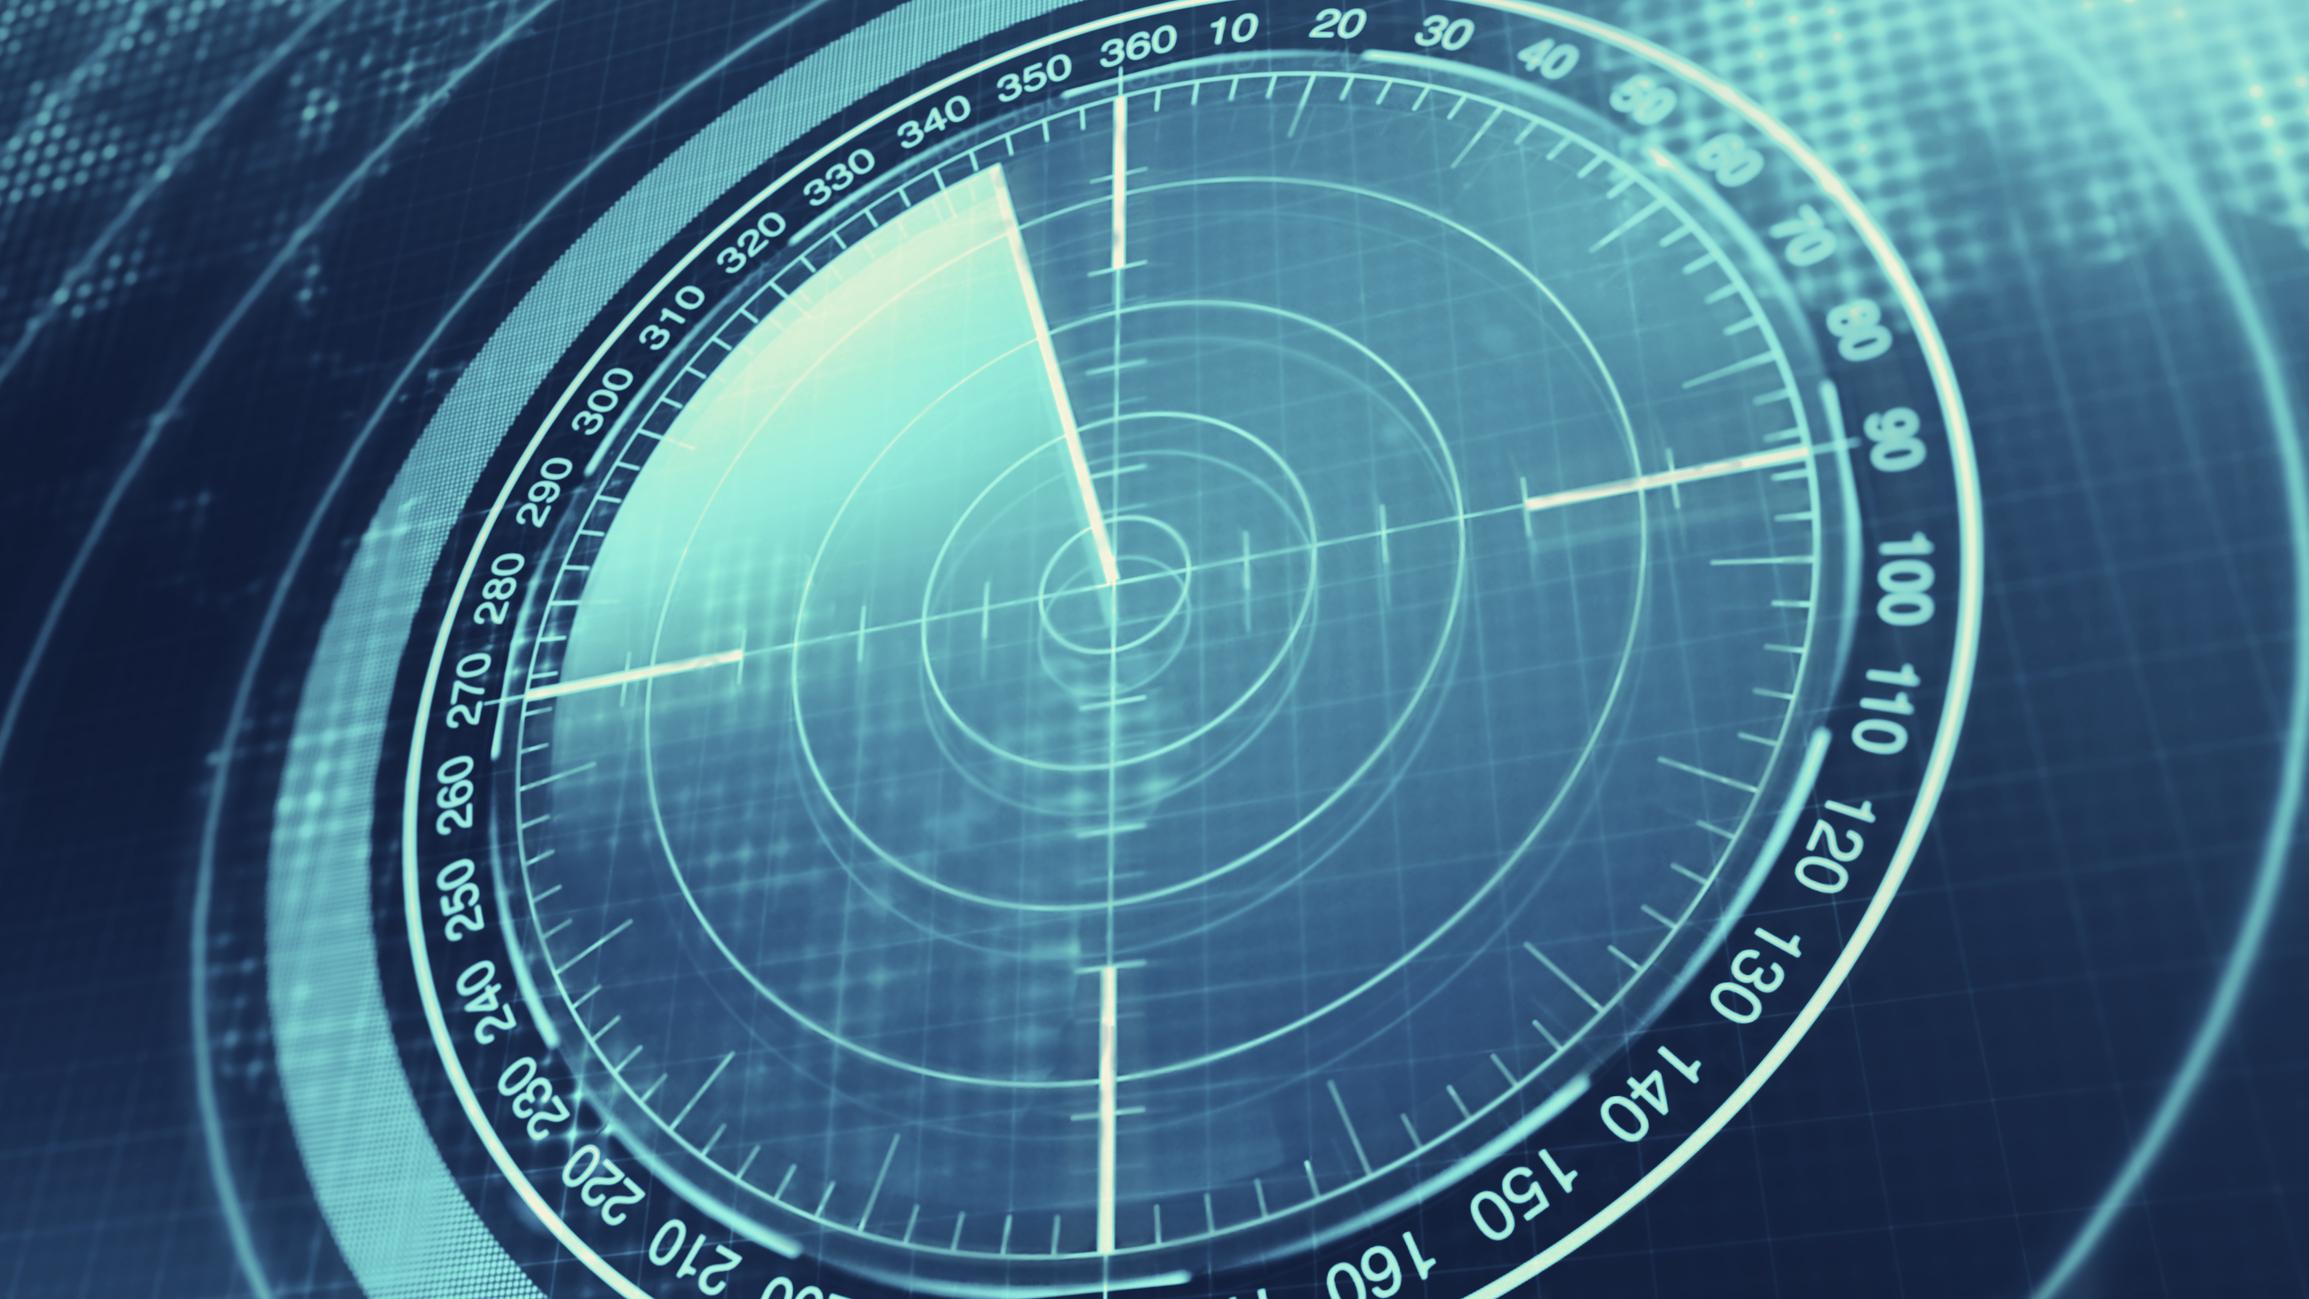 A radar screen